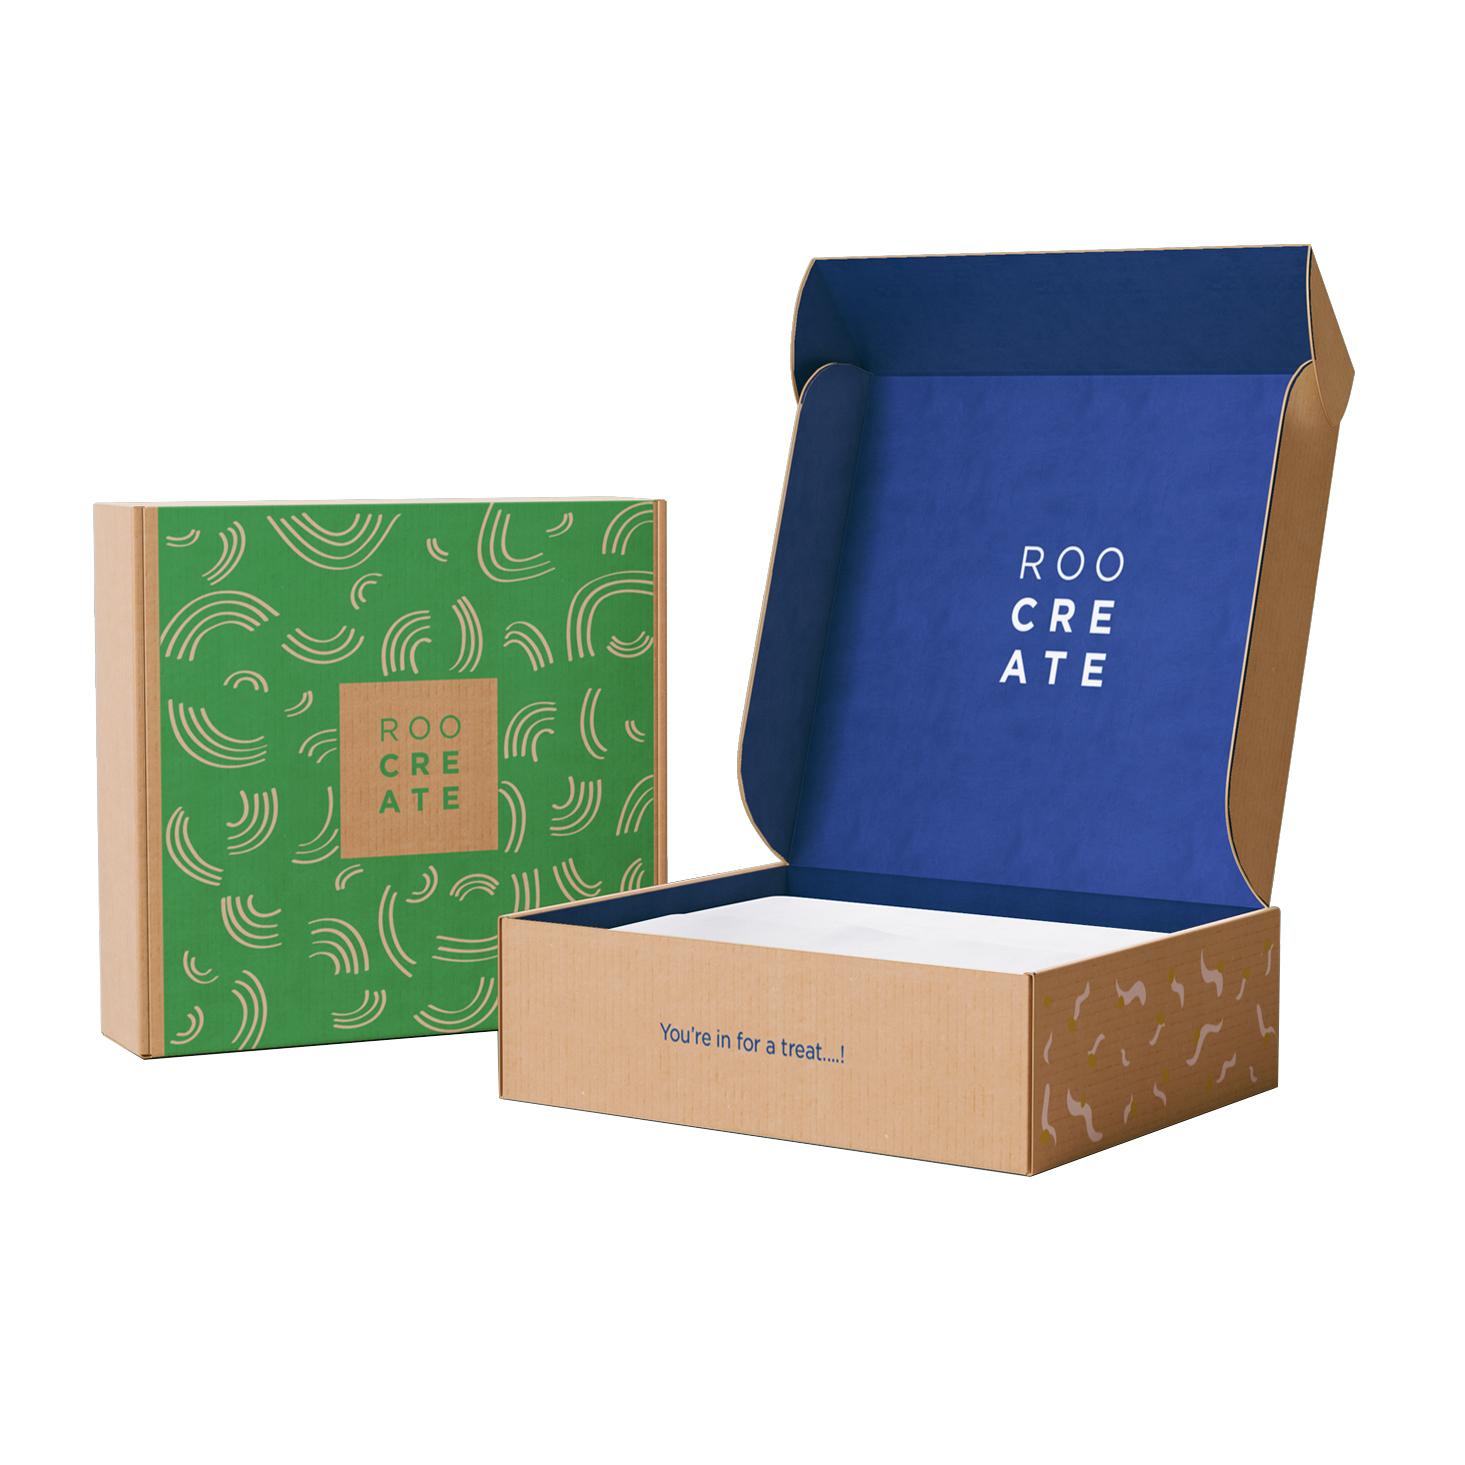 Дешевые Заказные почтовые цветные напечатанные гофрированные бумажные почтовые картонные подписные коробки картонные упаковочные коробки